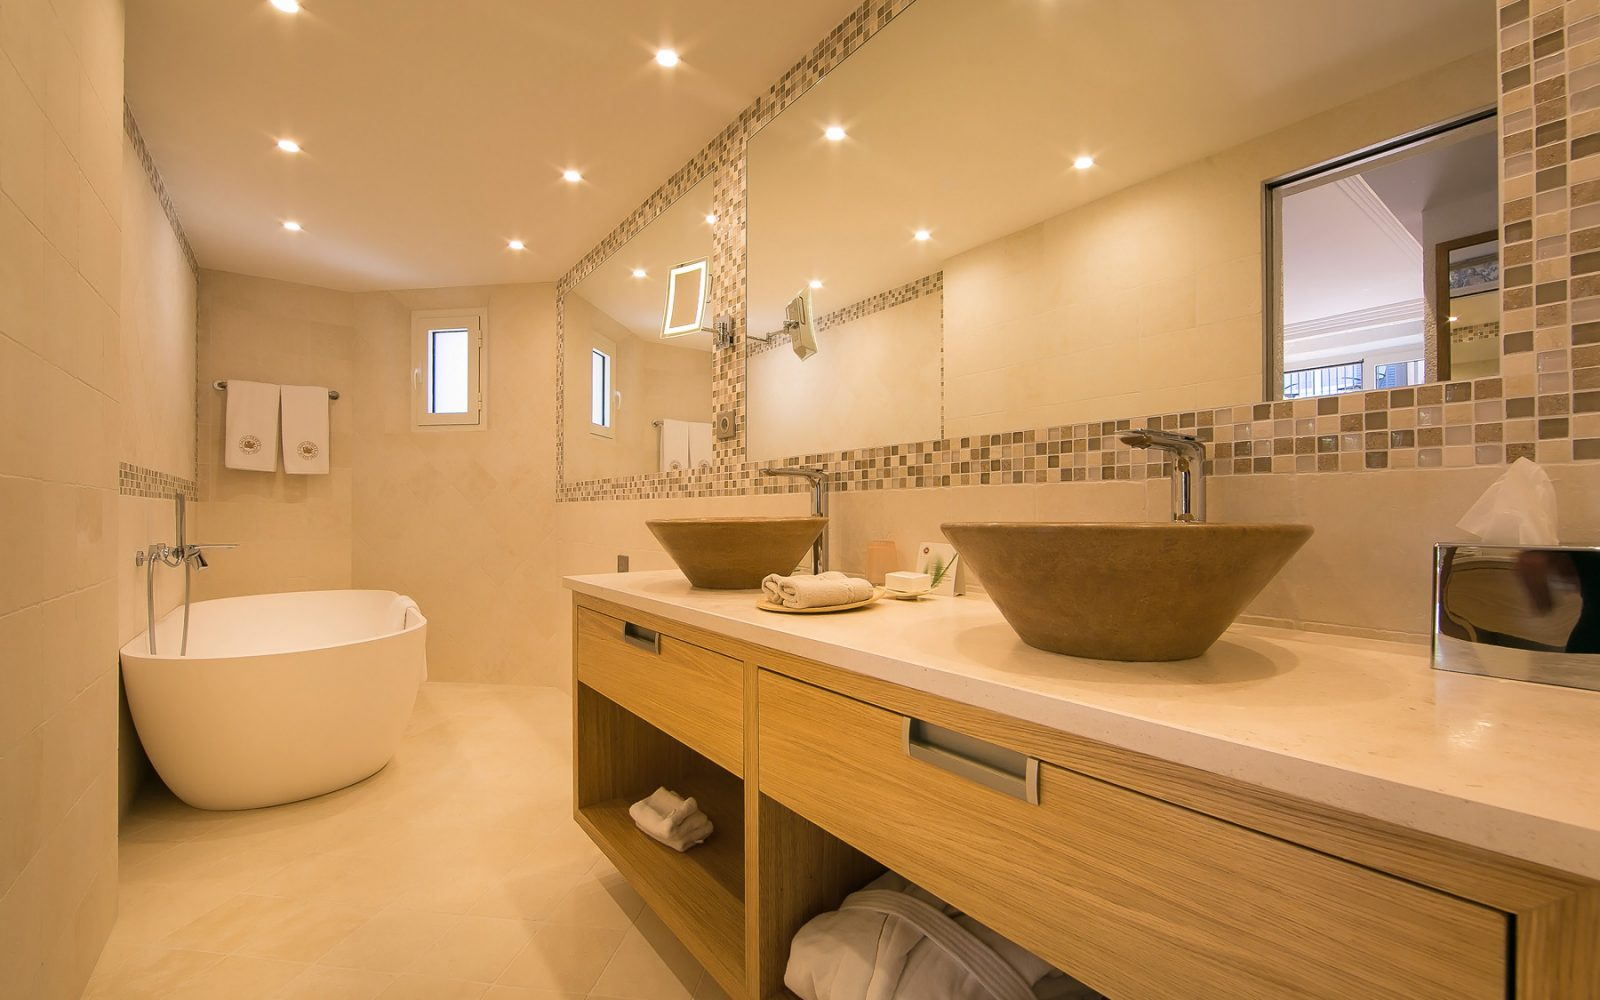 hotel-byblos-suite-du-roy-saint-tropez-2